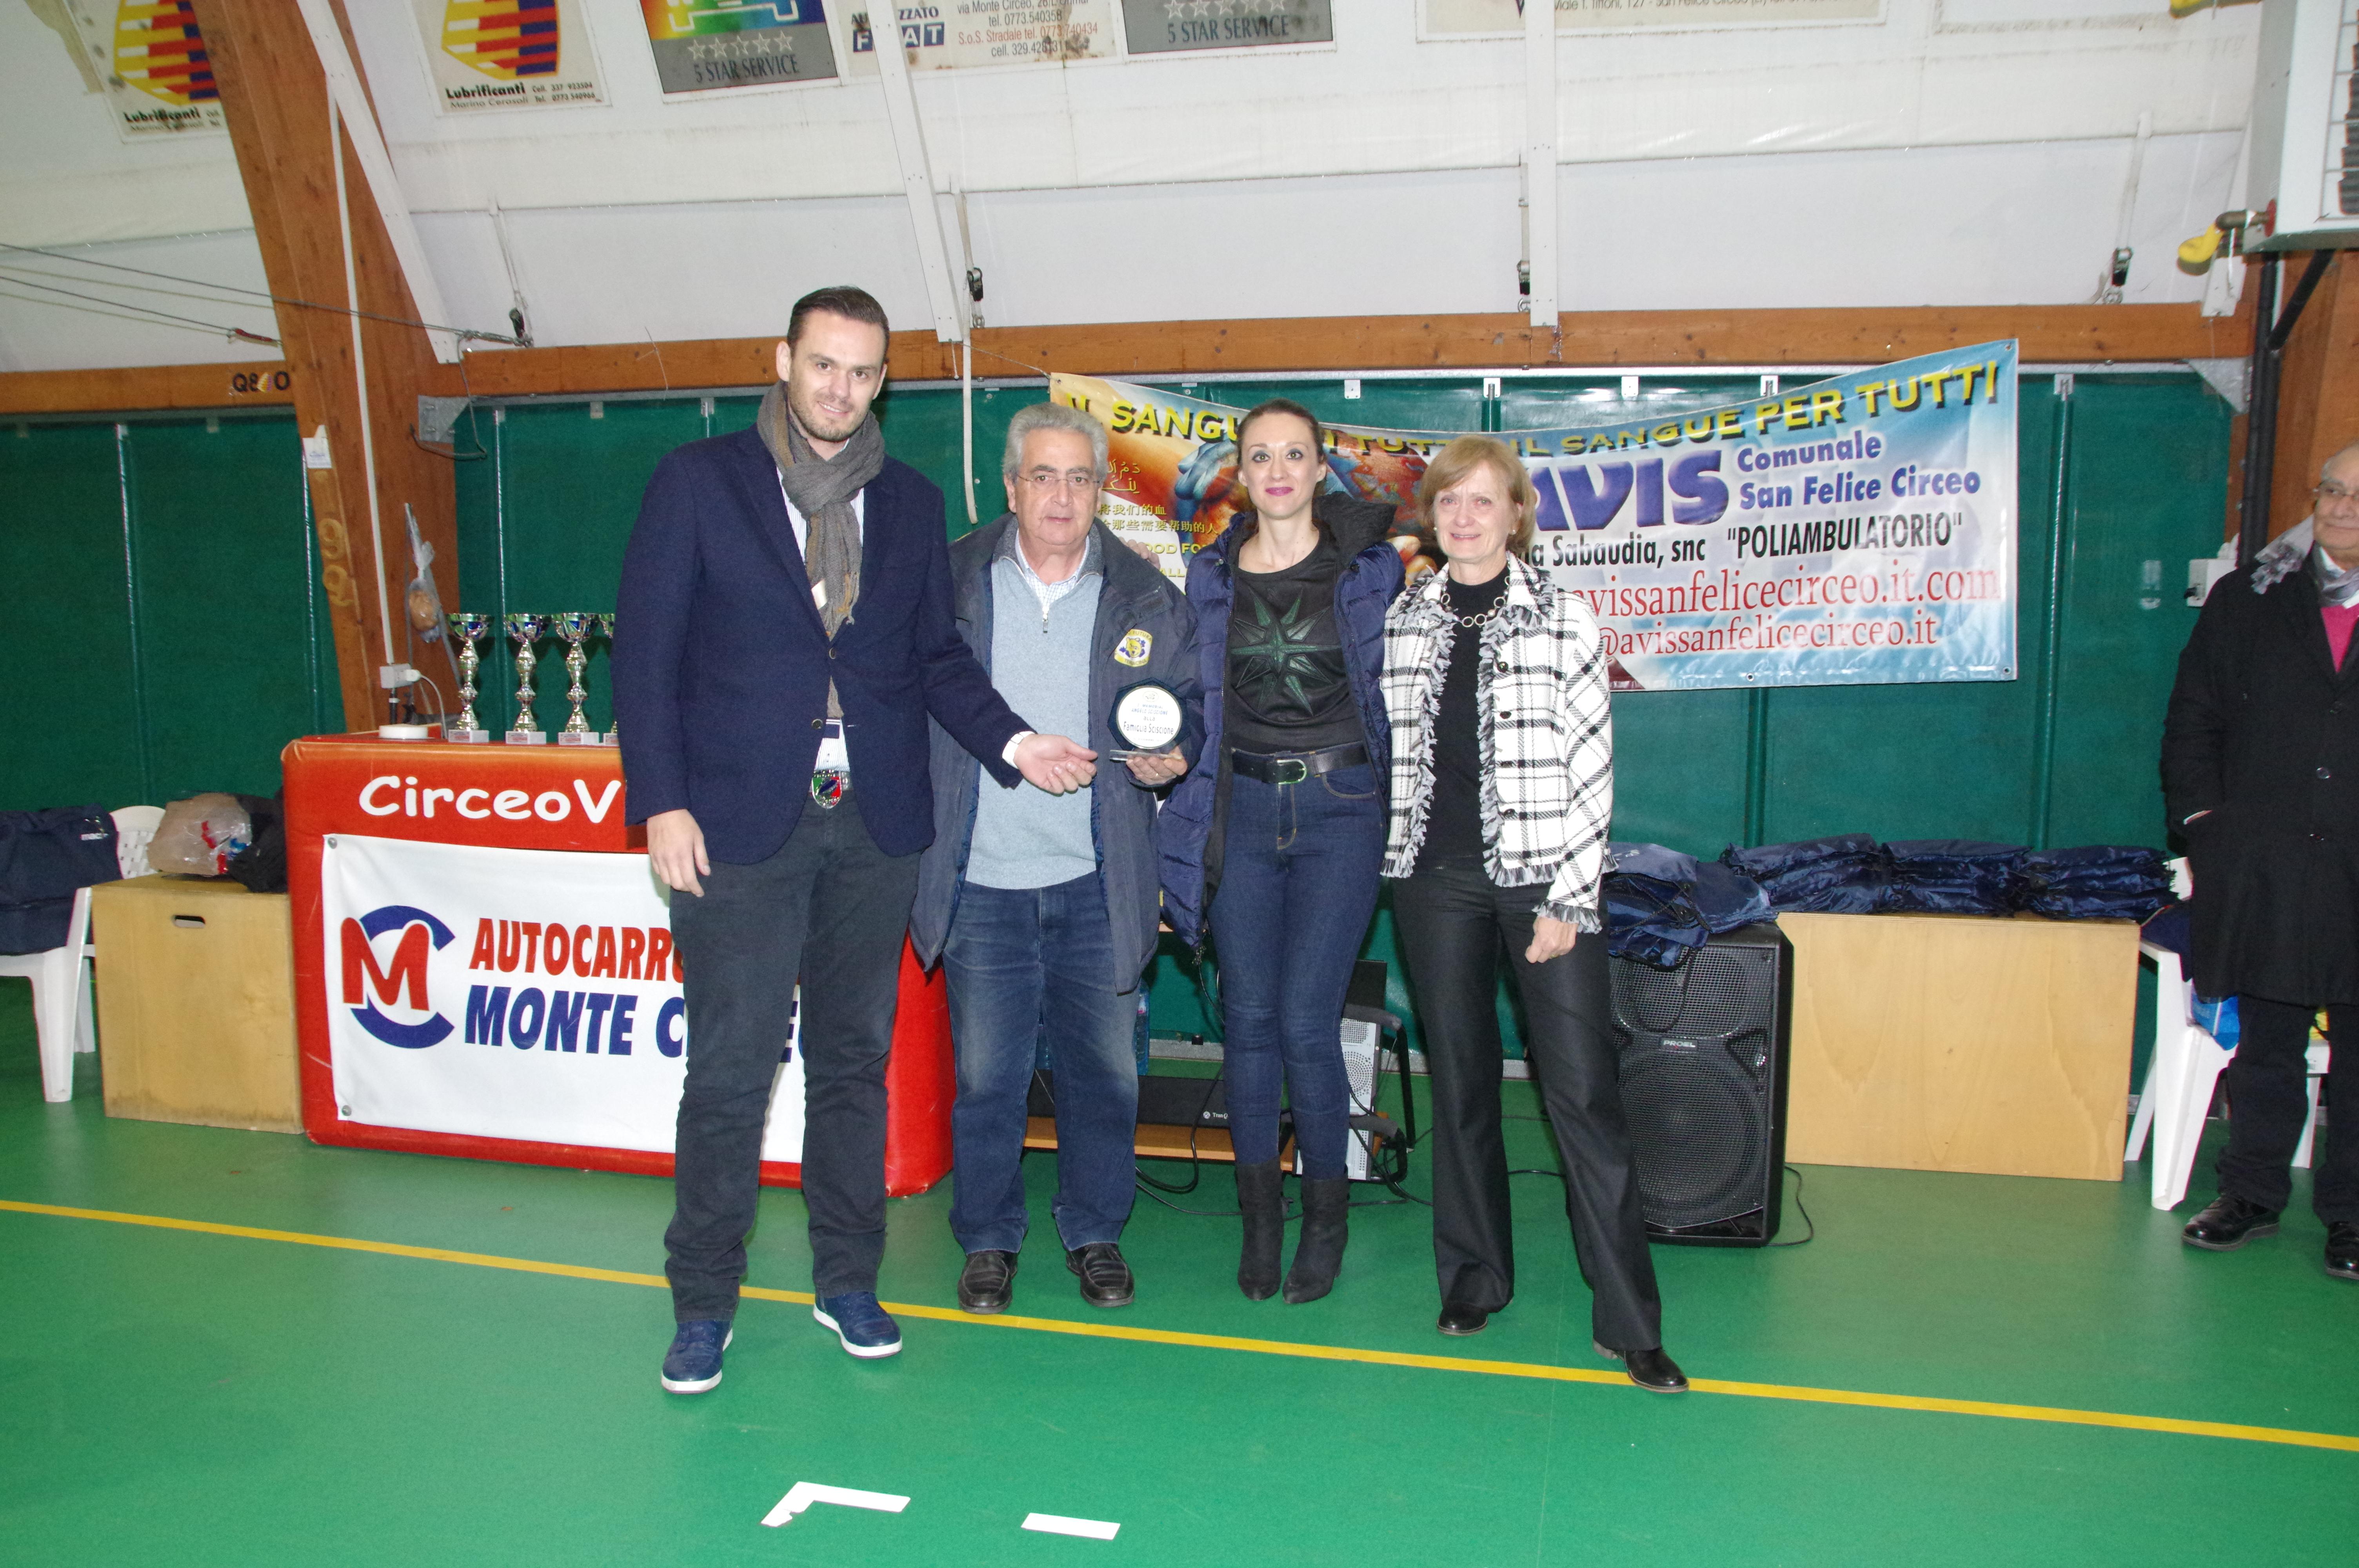 Augusto, Letizia e Gabriella Sciscione premiate dal Presidente della Pallavolo Futura Terracina, Edoardo Bondatti. Anxur Time